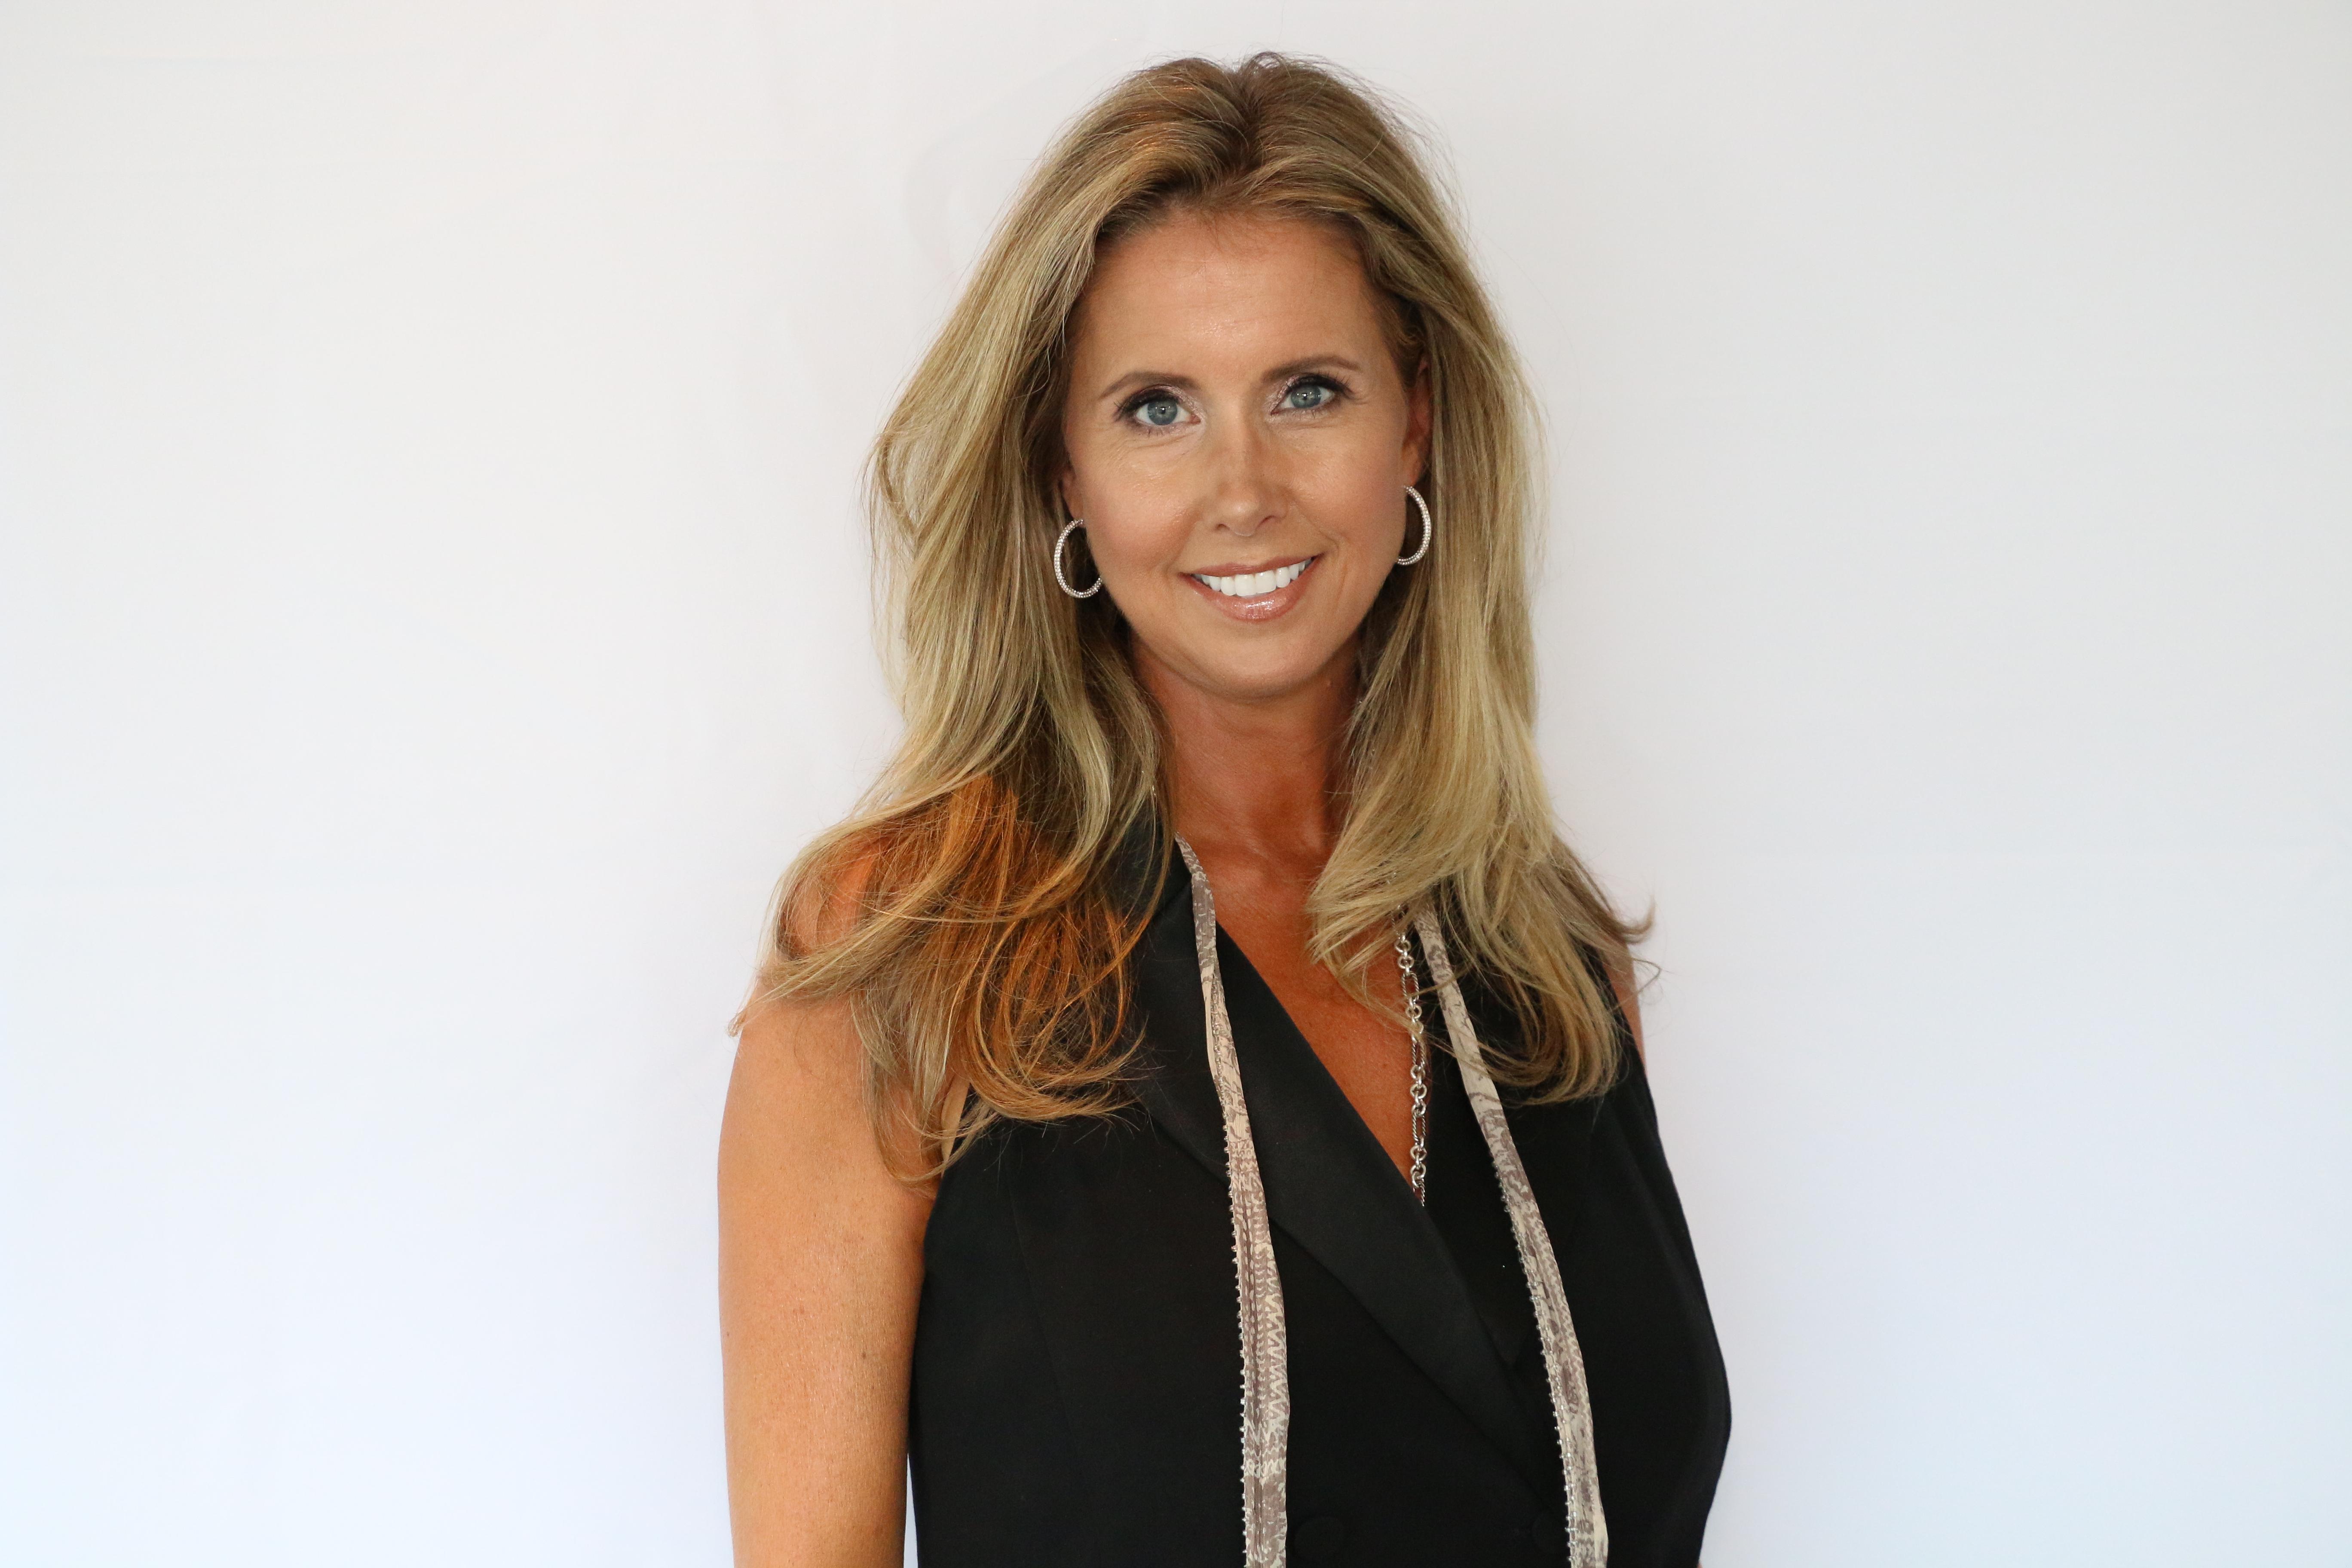 Melinda Morris Zanoni